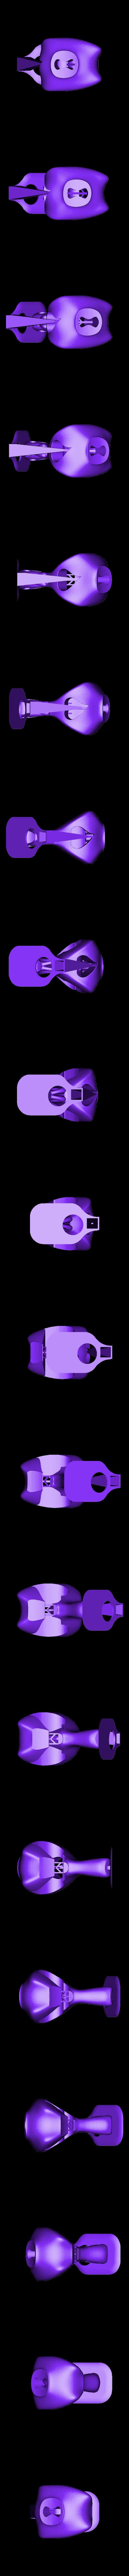 Body.STL Télécharger fichier STL gratuit Portuguese Rooster • Modèle pour imprimante 3D, BEEVERYCREATIVE